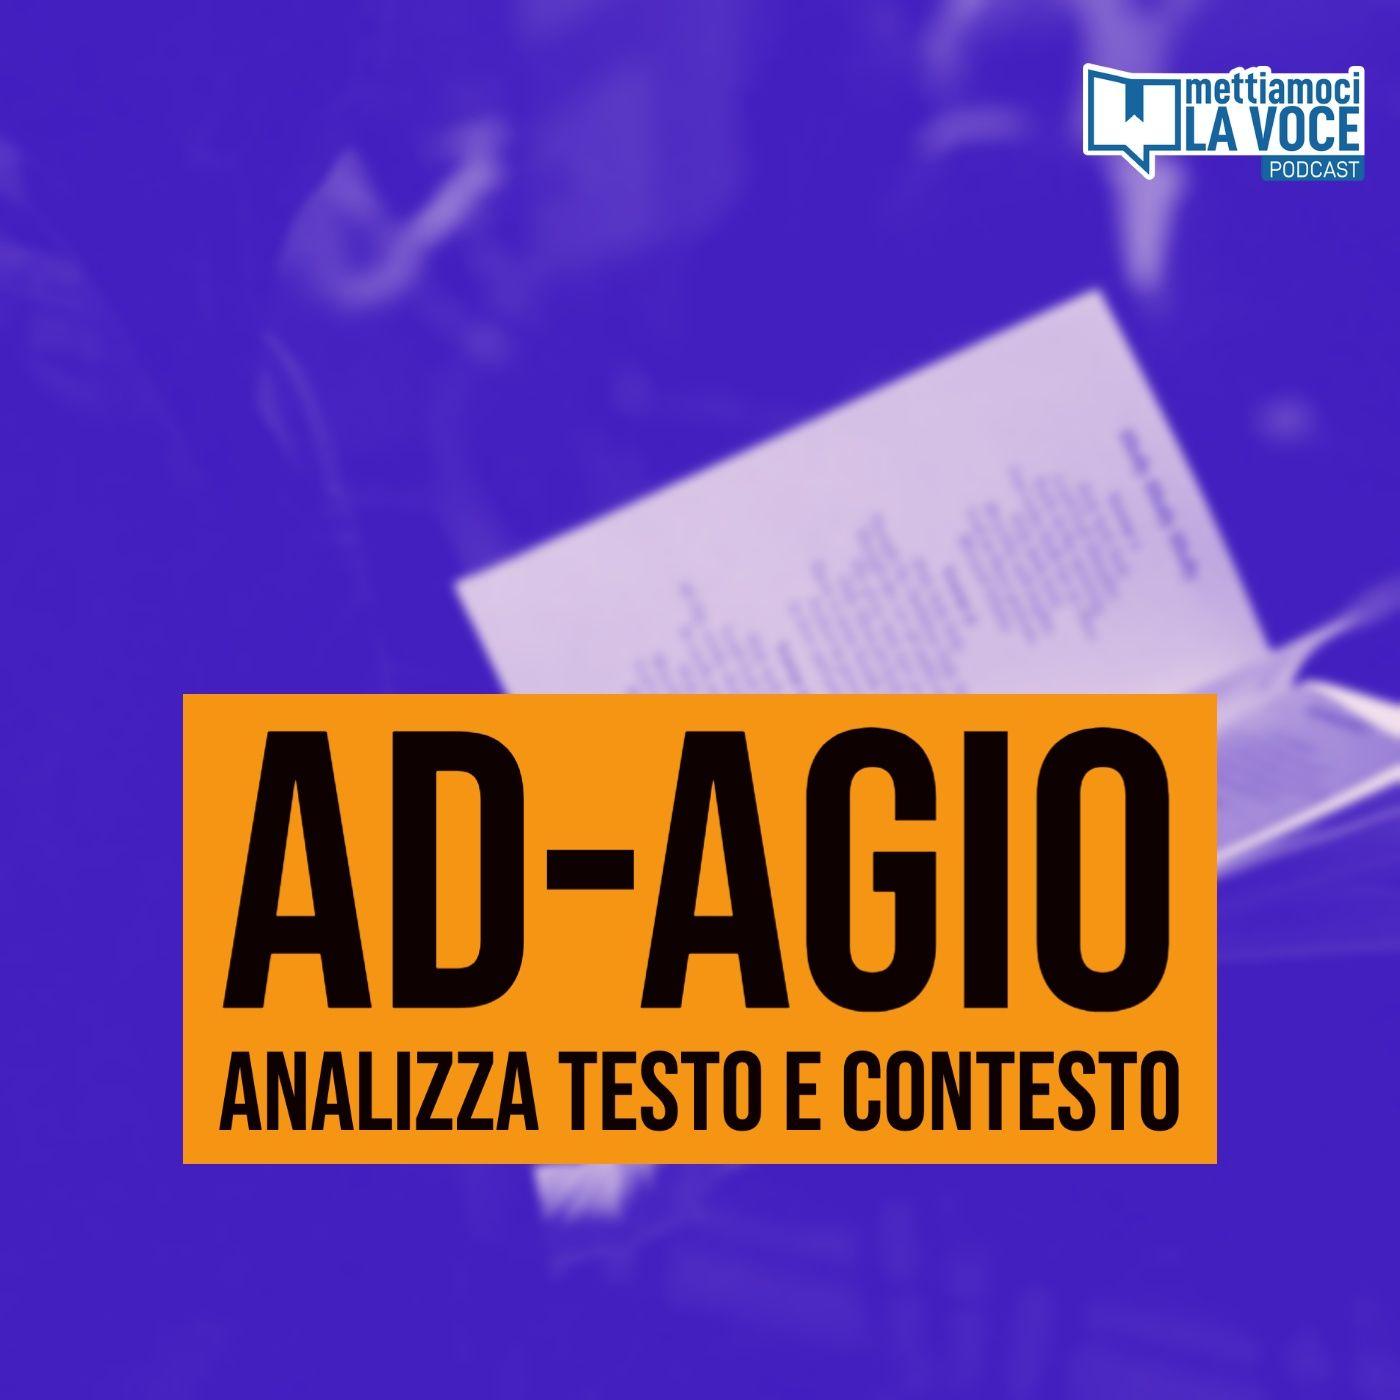 177- Analizza testo e contesto [Metodo AD-AGIO]